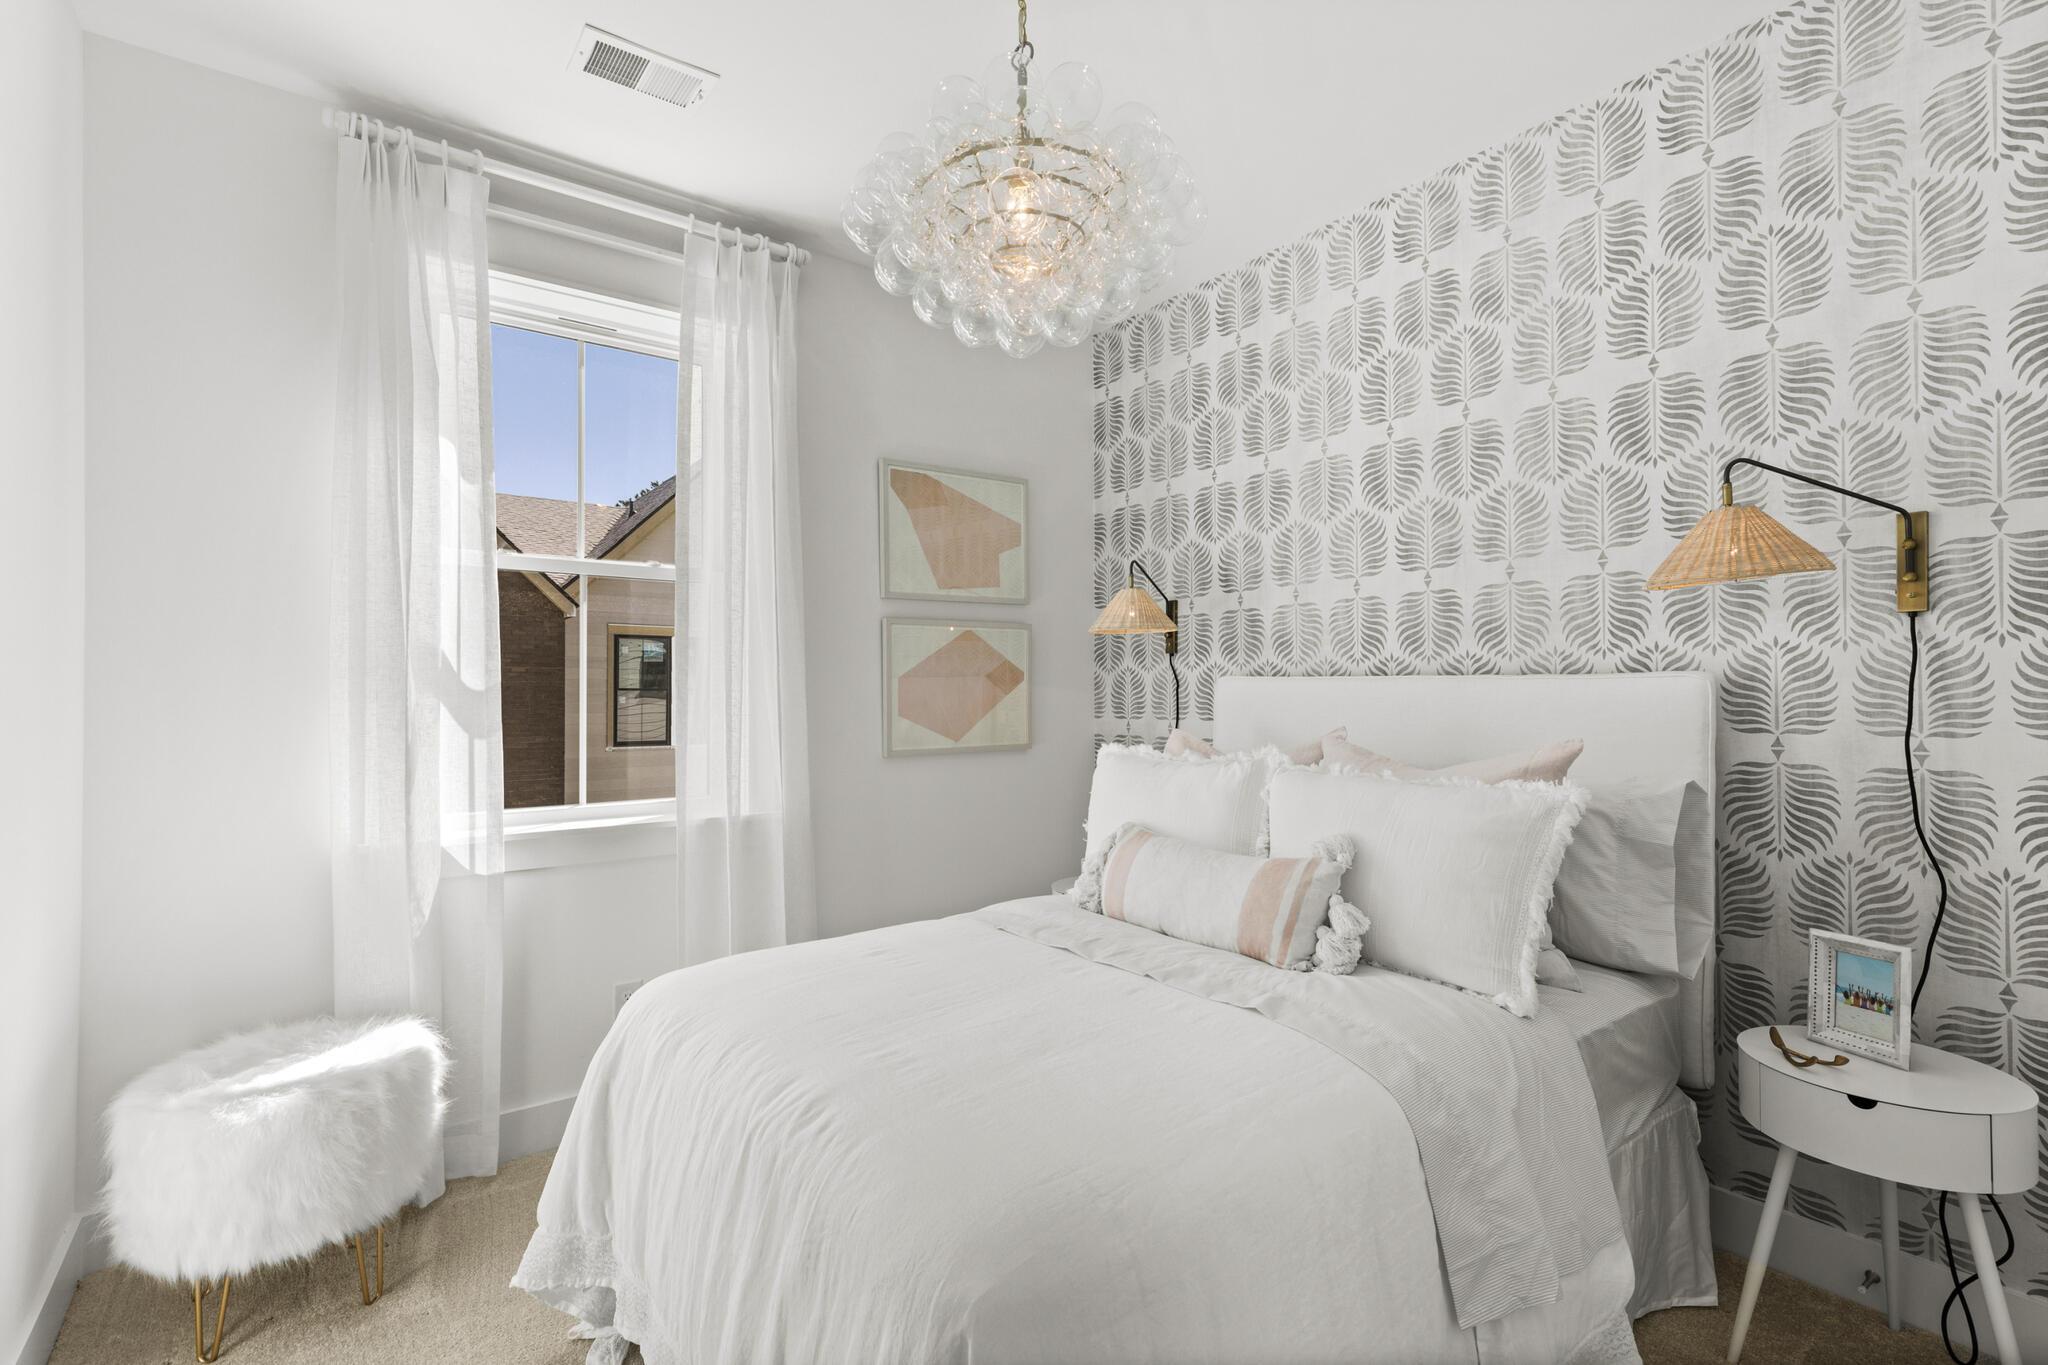 Midtown Homes For Sale - 1624 Florentia, Mount Pleasant, SC - 22